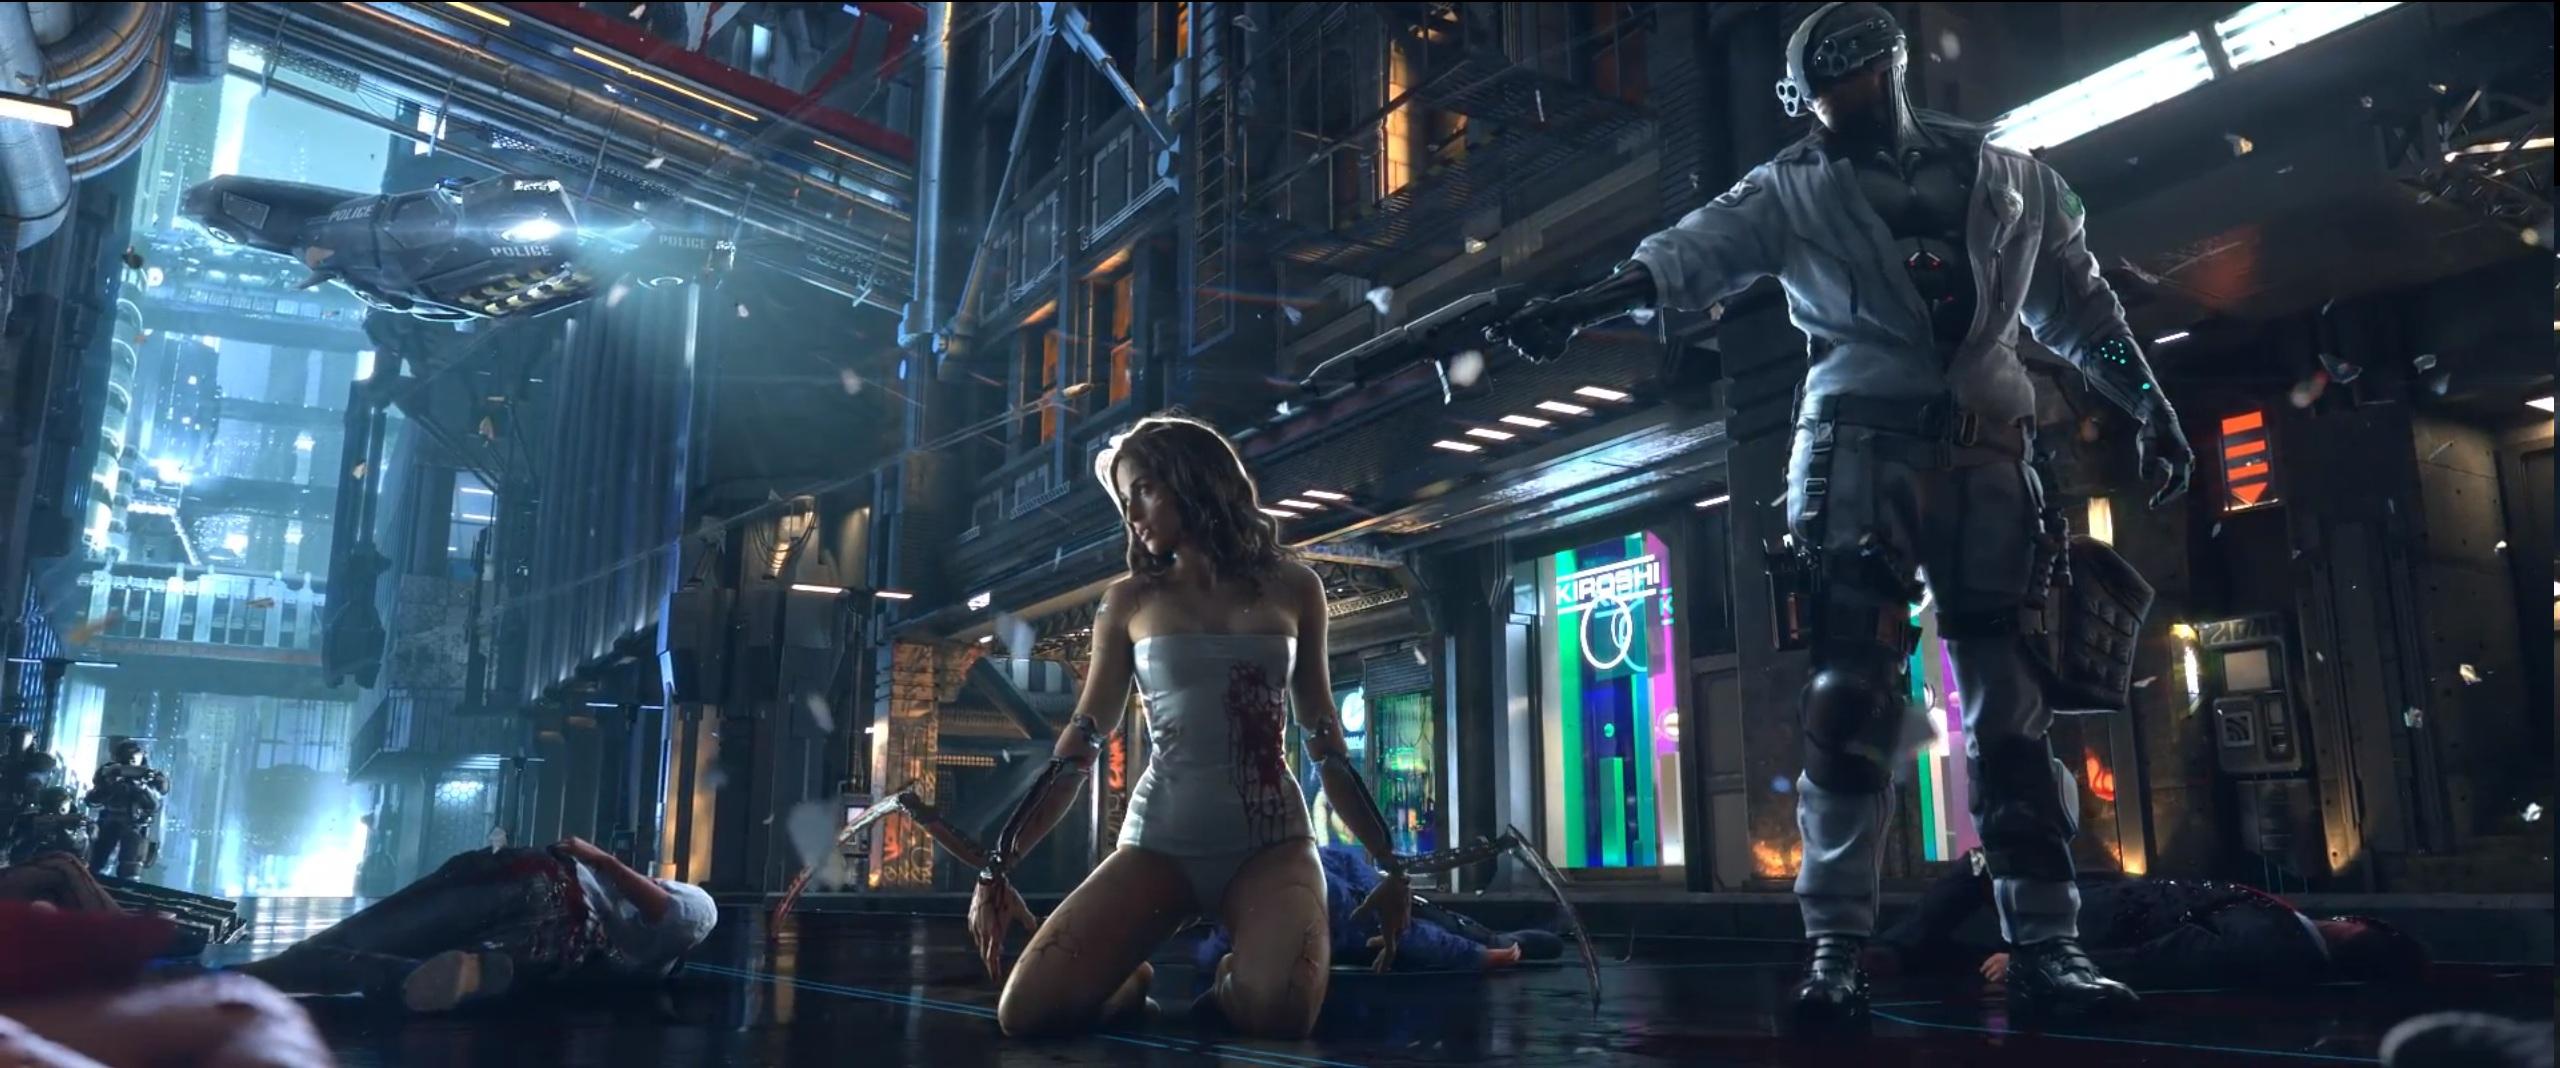 bilimkurgu-Cyberpunk-2077